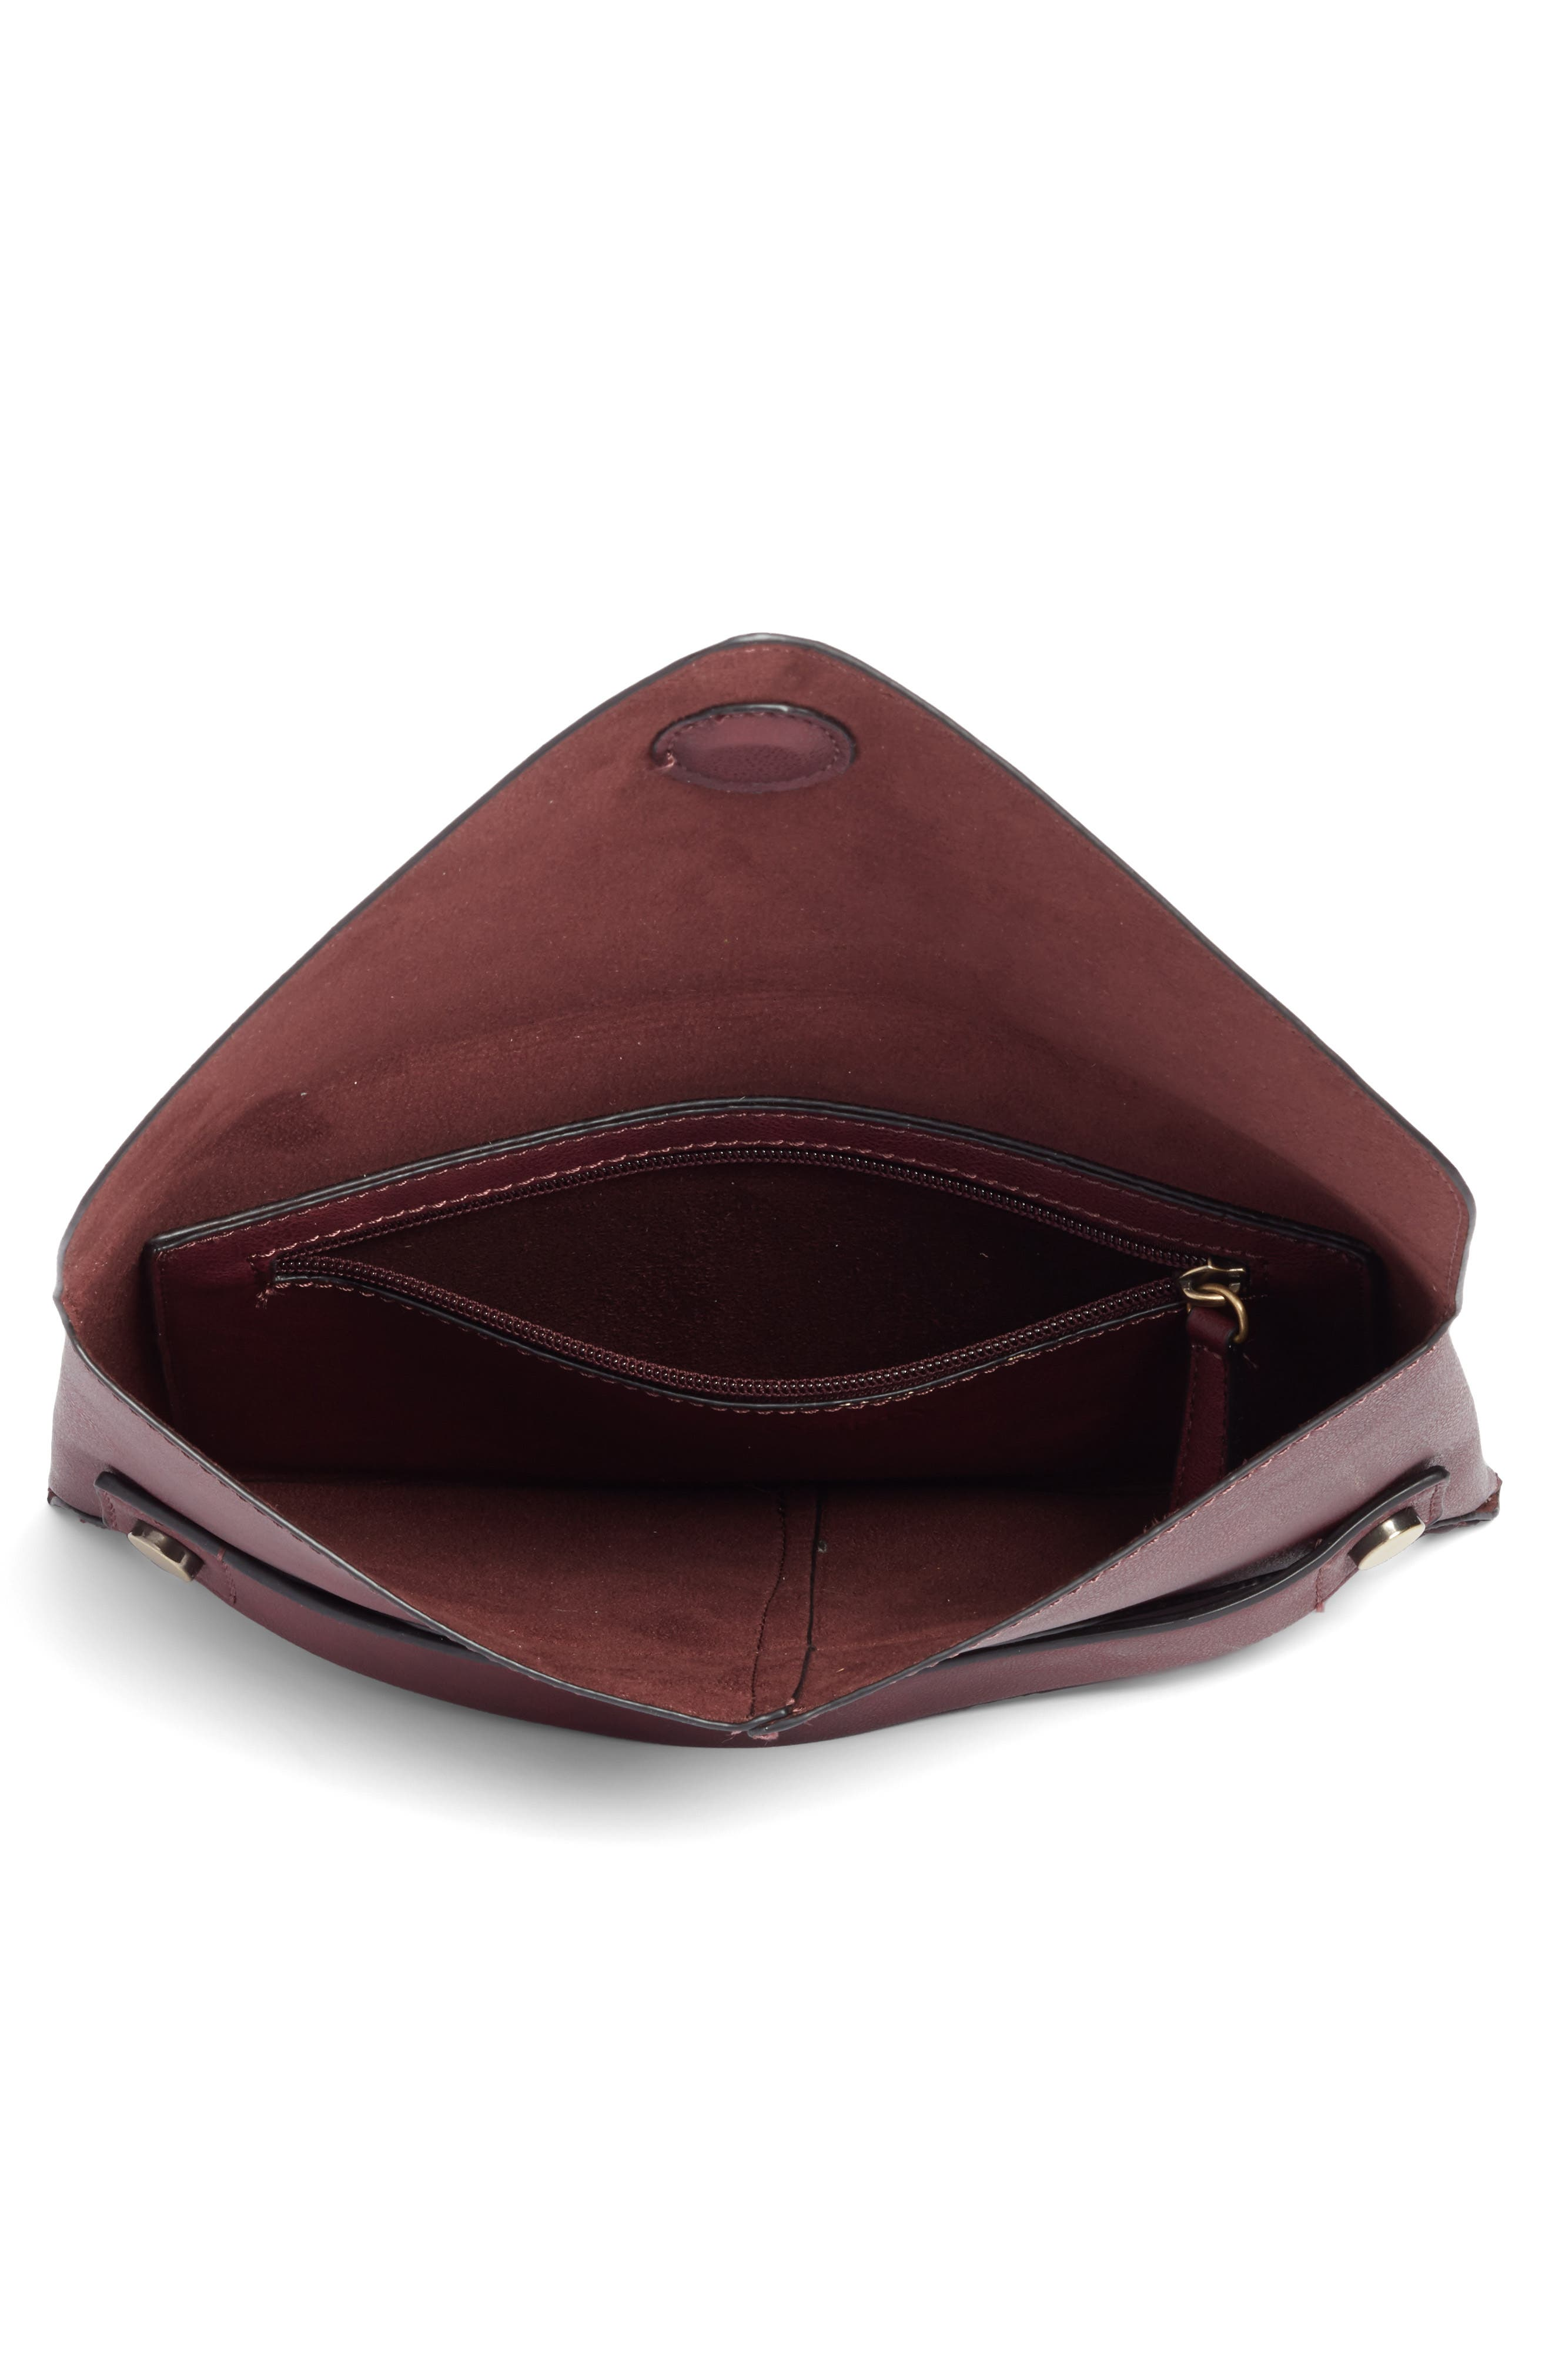 Karen Faux Leather Envelope Clutch,                             Alternate thumbnail 12, color,